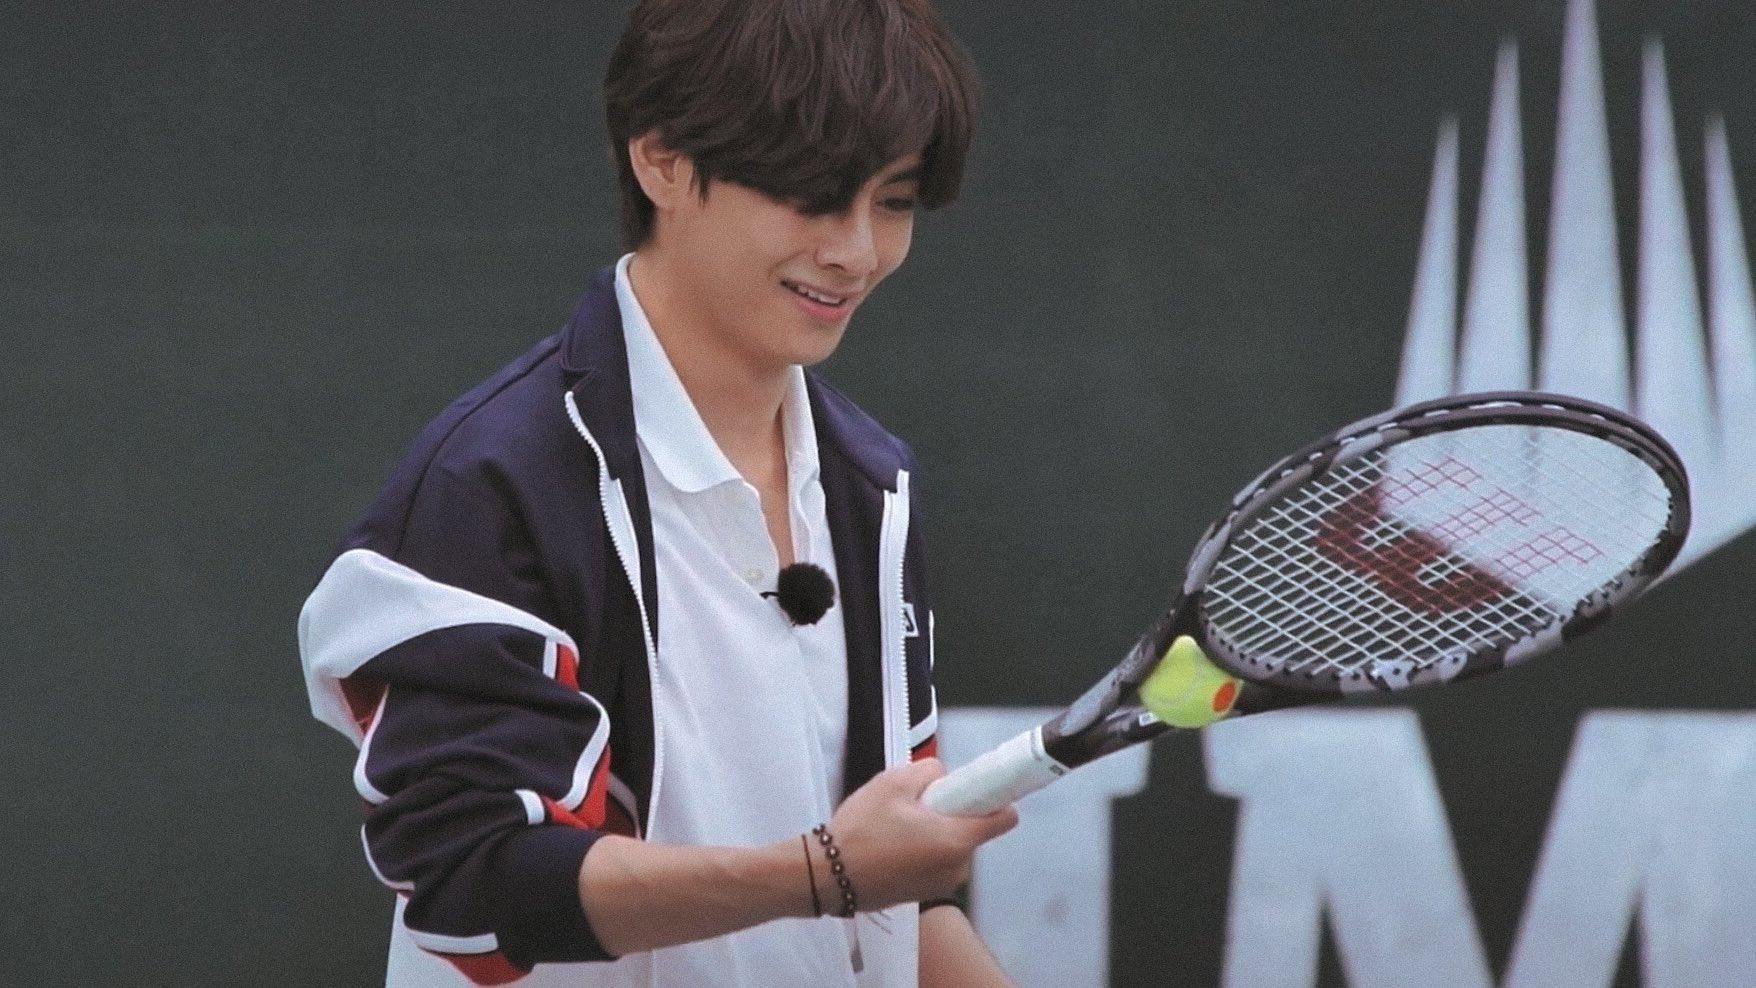 ...nhưng lại không đỡ được bóng mà quả bóng bị mắc kẹt trên chính cây tennis.